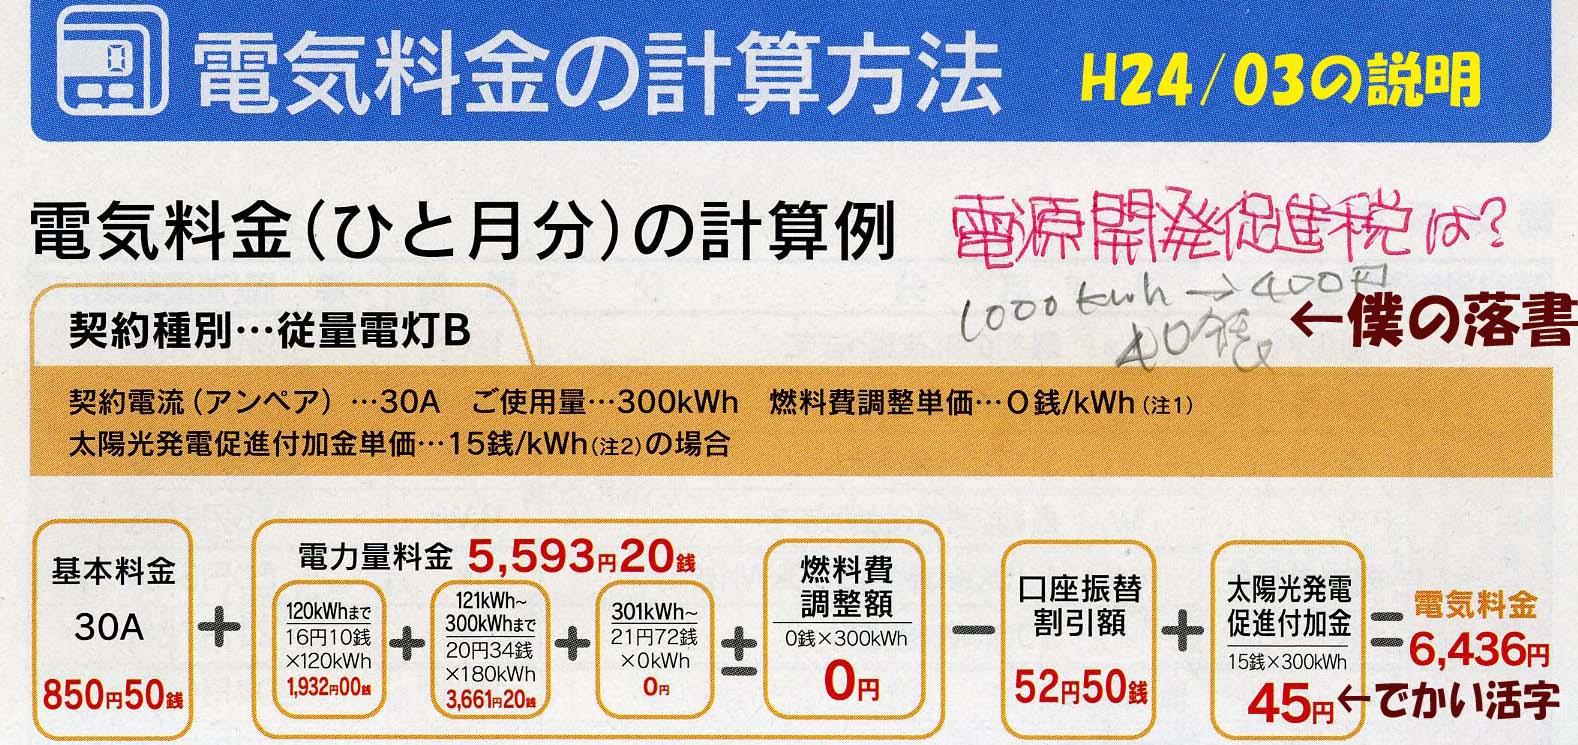 電気料金のカラクリ_c0052876_23554925.jpg